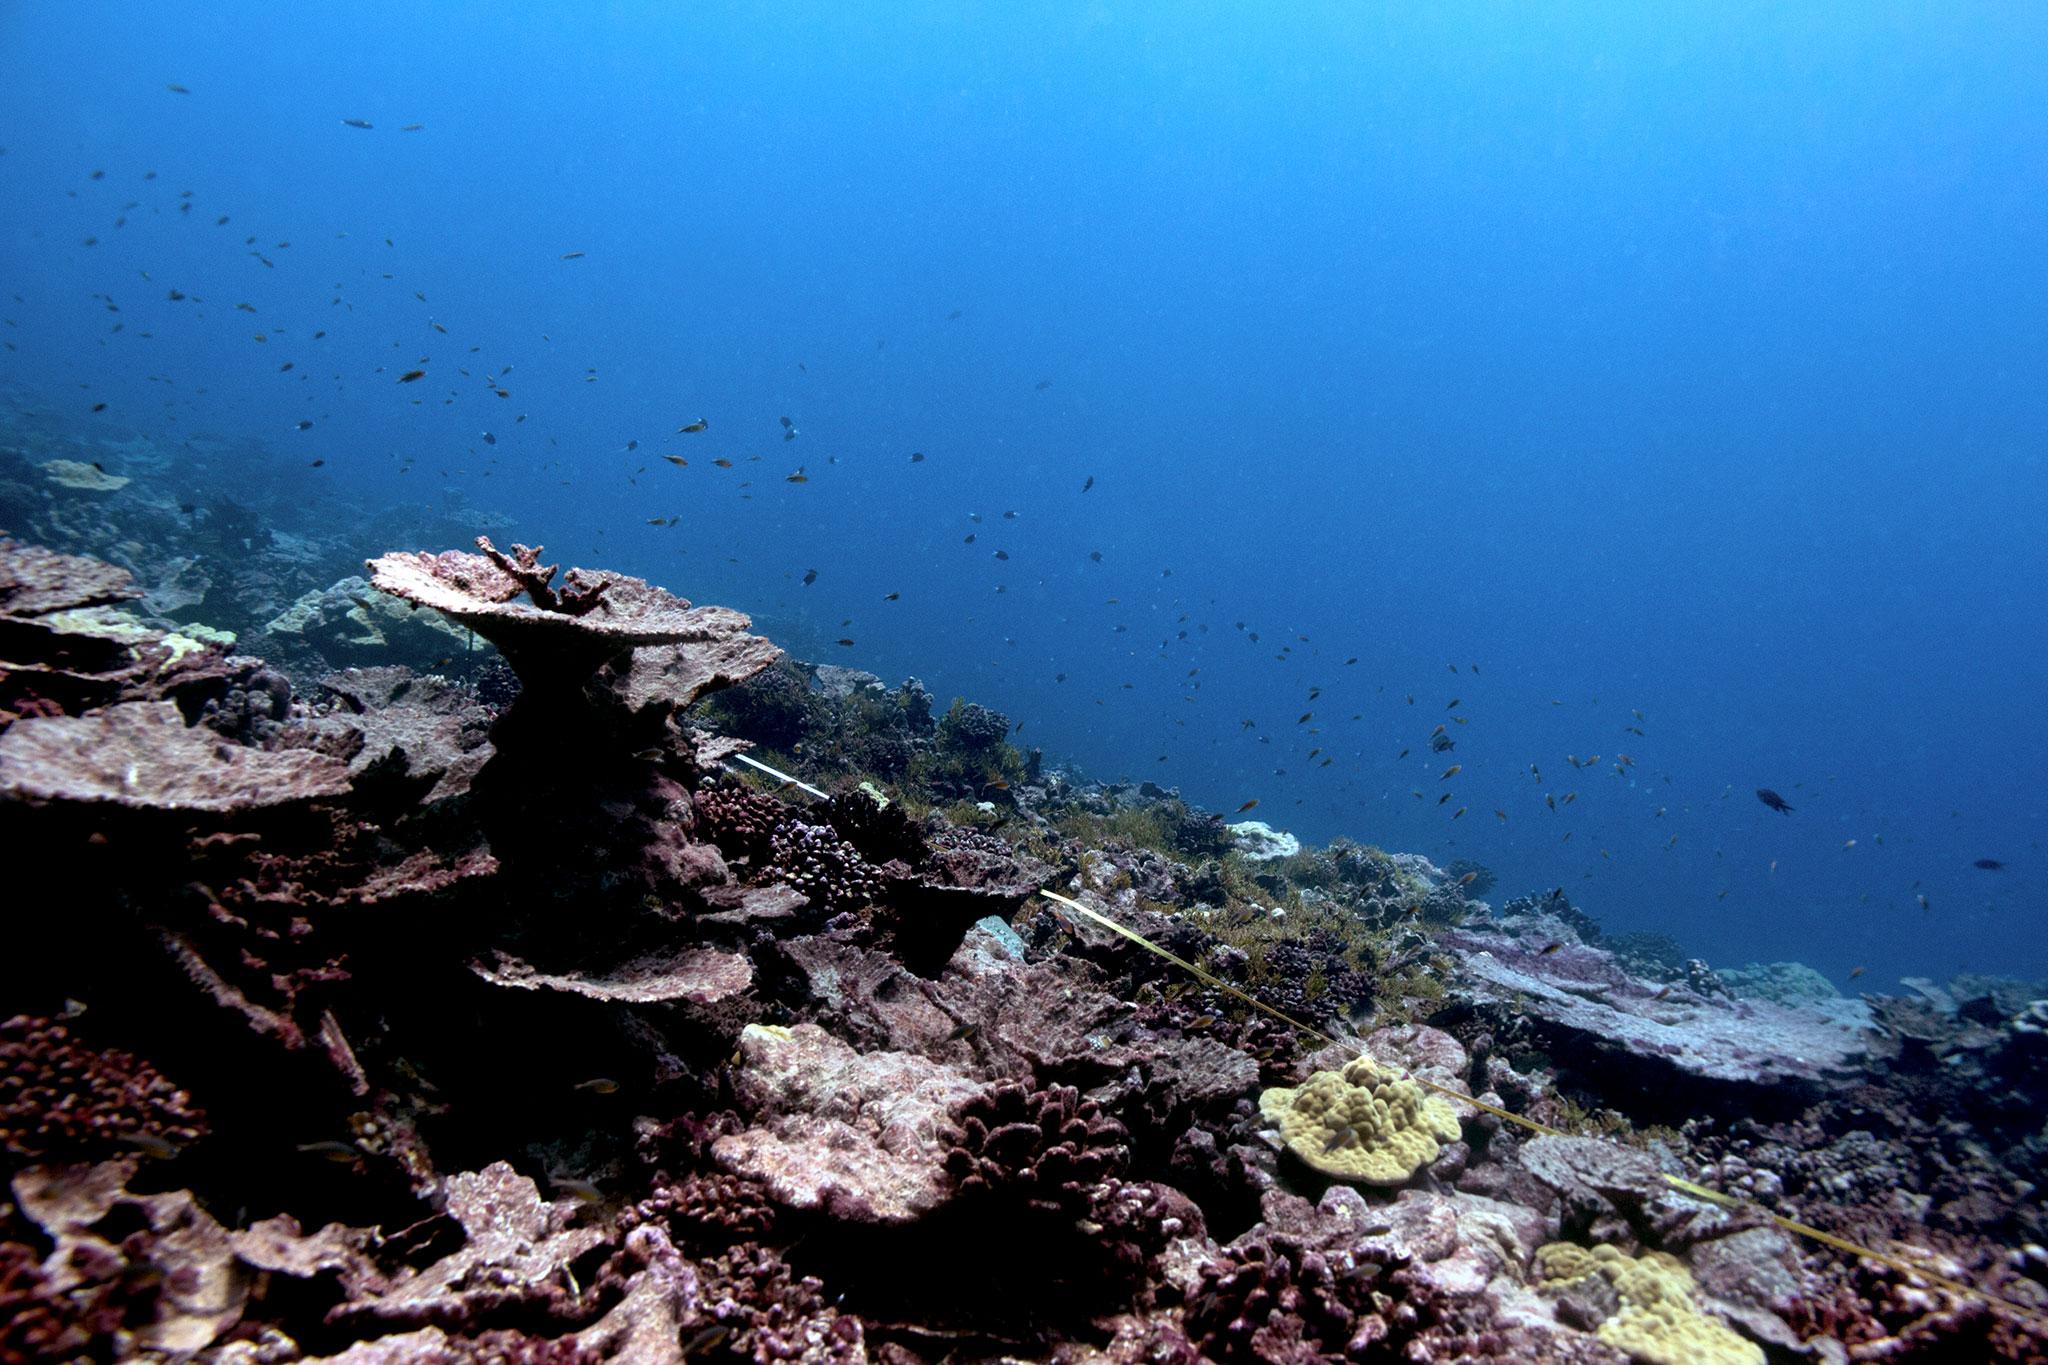 吉里巴斯珊瑚白化